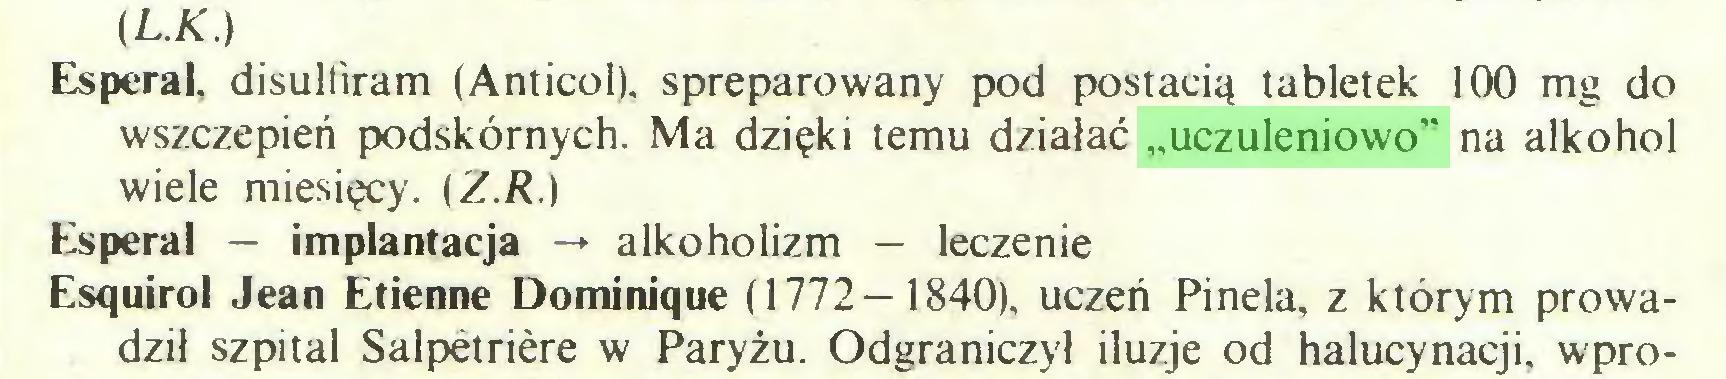 """(...) (L.K.) Esperal. disulliram (Anticol), spreparowany pod postacią tabletek 100 mg do wszczepień podskórnych. Ma dzięki temu działać """"uczuleniowo"""" na alkohol wiele miesięcy. (Z.R.) Esperal — implantacja -» alkoholizm — leczenie Esquirol Jean Etienne Dominique (1772—1840), uczeń Pinela, z którym prowadził szpital Salpetriere w Paryżu. Odgraniczył iluzje od halucynacji, wpro..."""